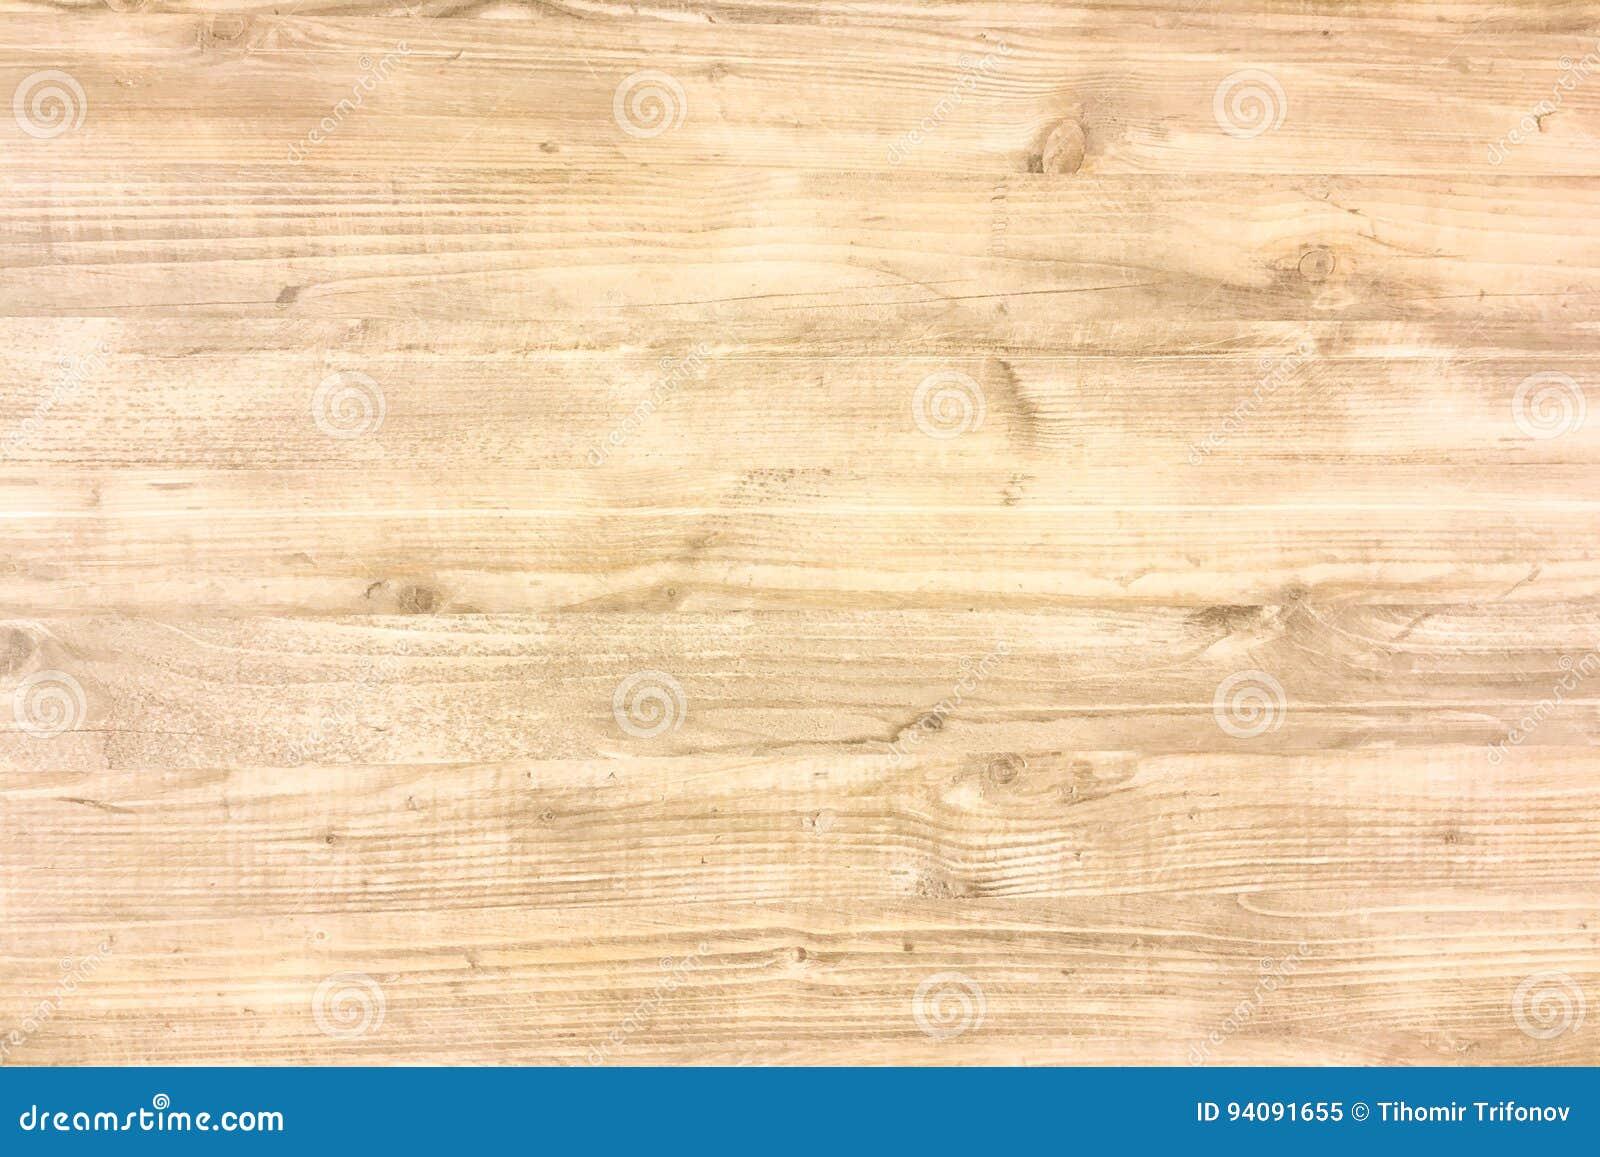 texture en bois organique blanche fond en bois clair vieux bois lav image stock image du. Black Bedroom Furniture Sets. Home Design Ideas